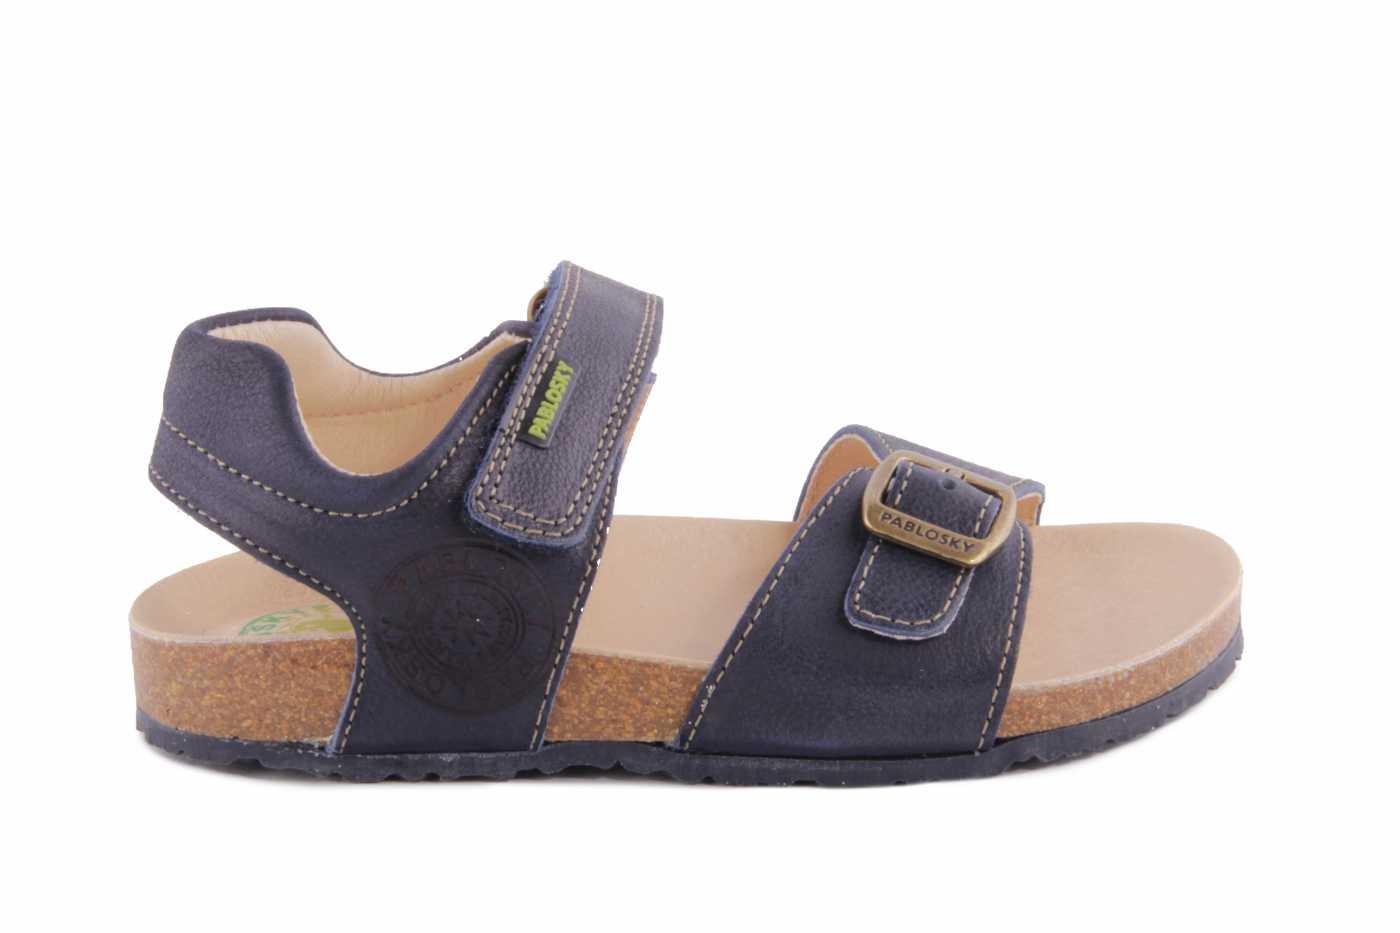 3d34a44a5b3 Comprar zapato tipo JOVEN NIÑO estilo SANDALIA COLOR AZUL MARINO ...